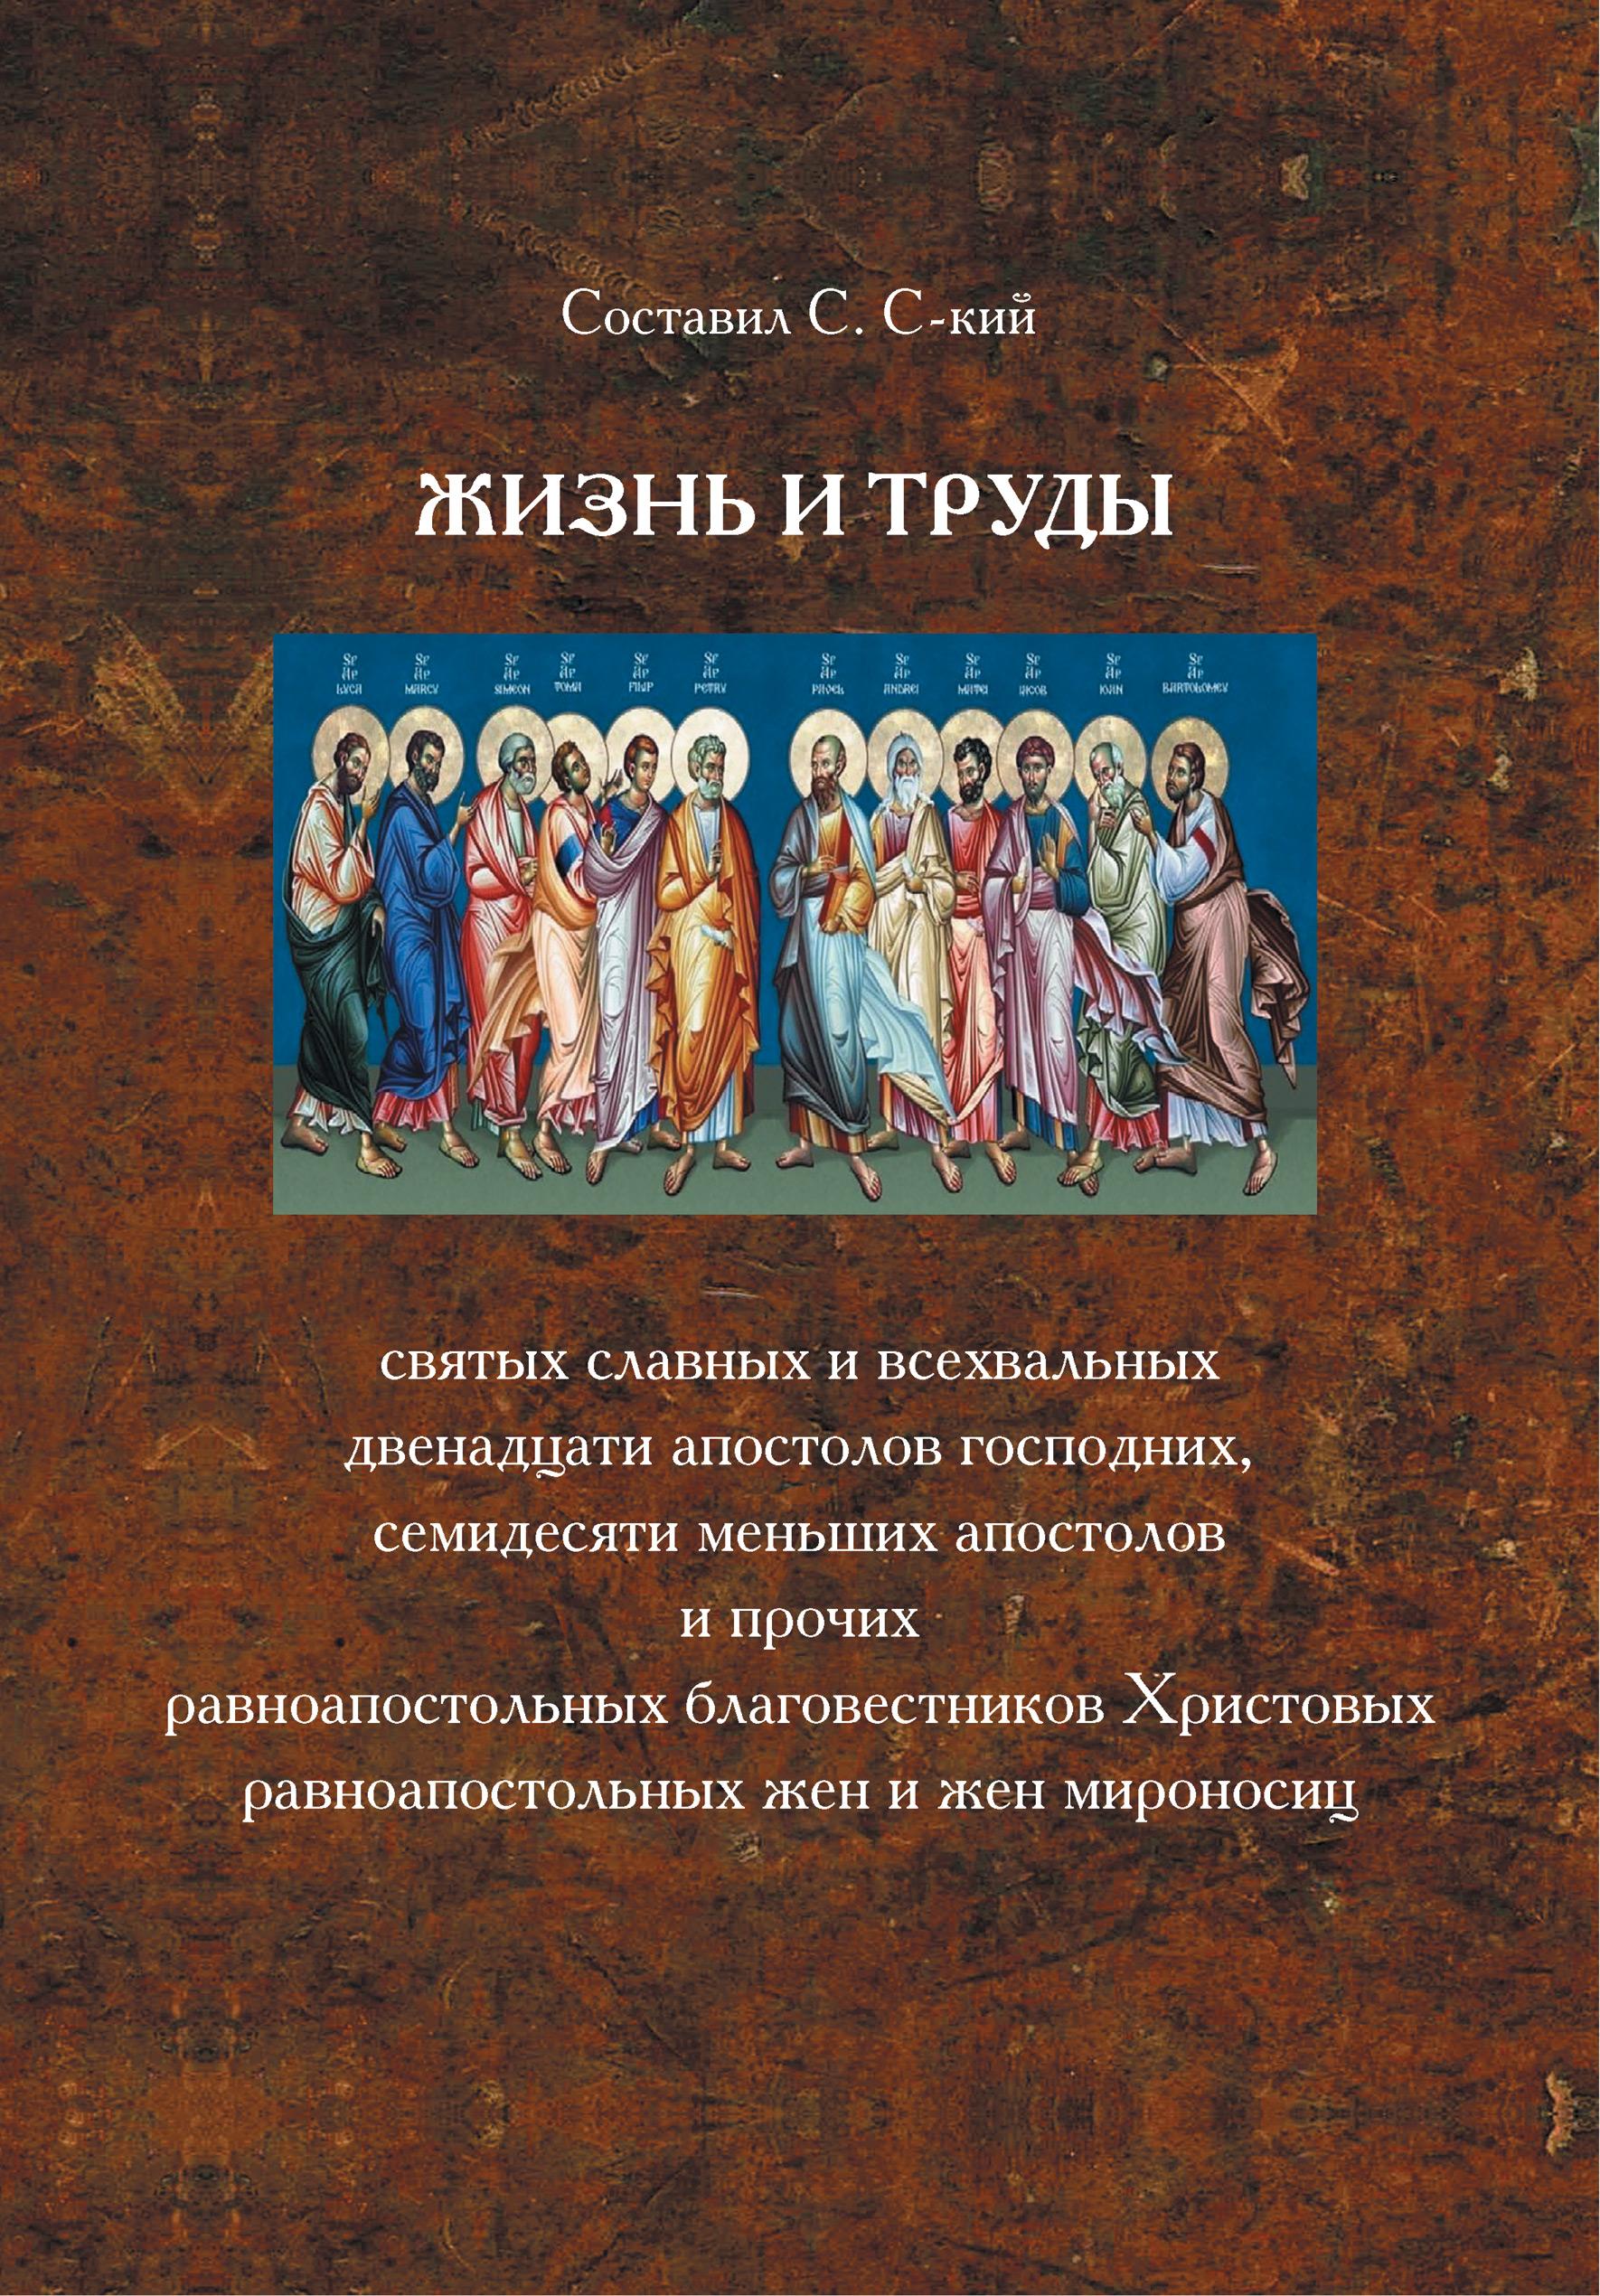 Отсутствует Жизнь и труды святых славных и всехвальных двенадцати Апостолов Господних, семидесяти меньших апостолов и прочих равноапостольных благовестников Христовых, равноапостольных жен и жен мироносиц икона 5 апостолов